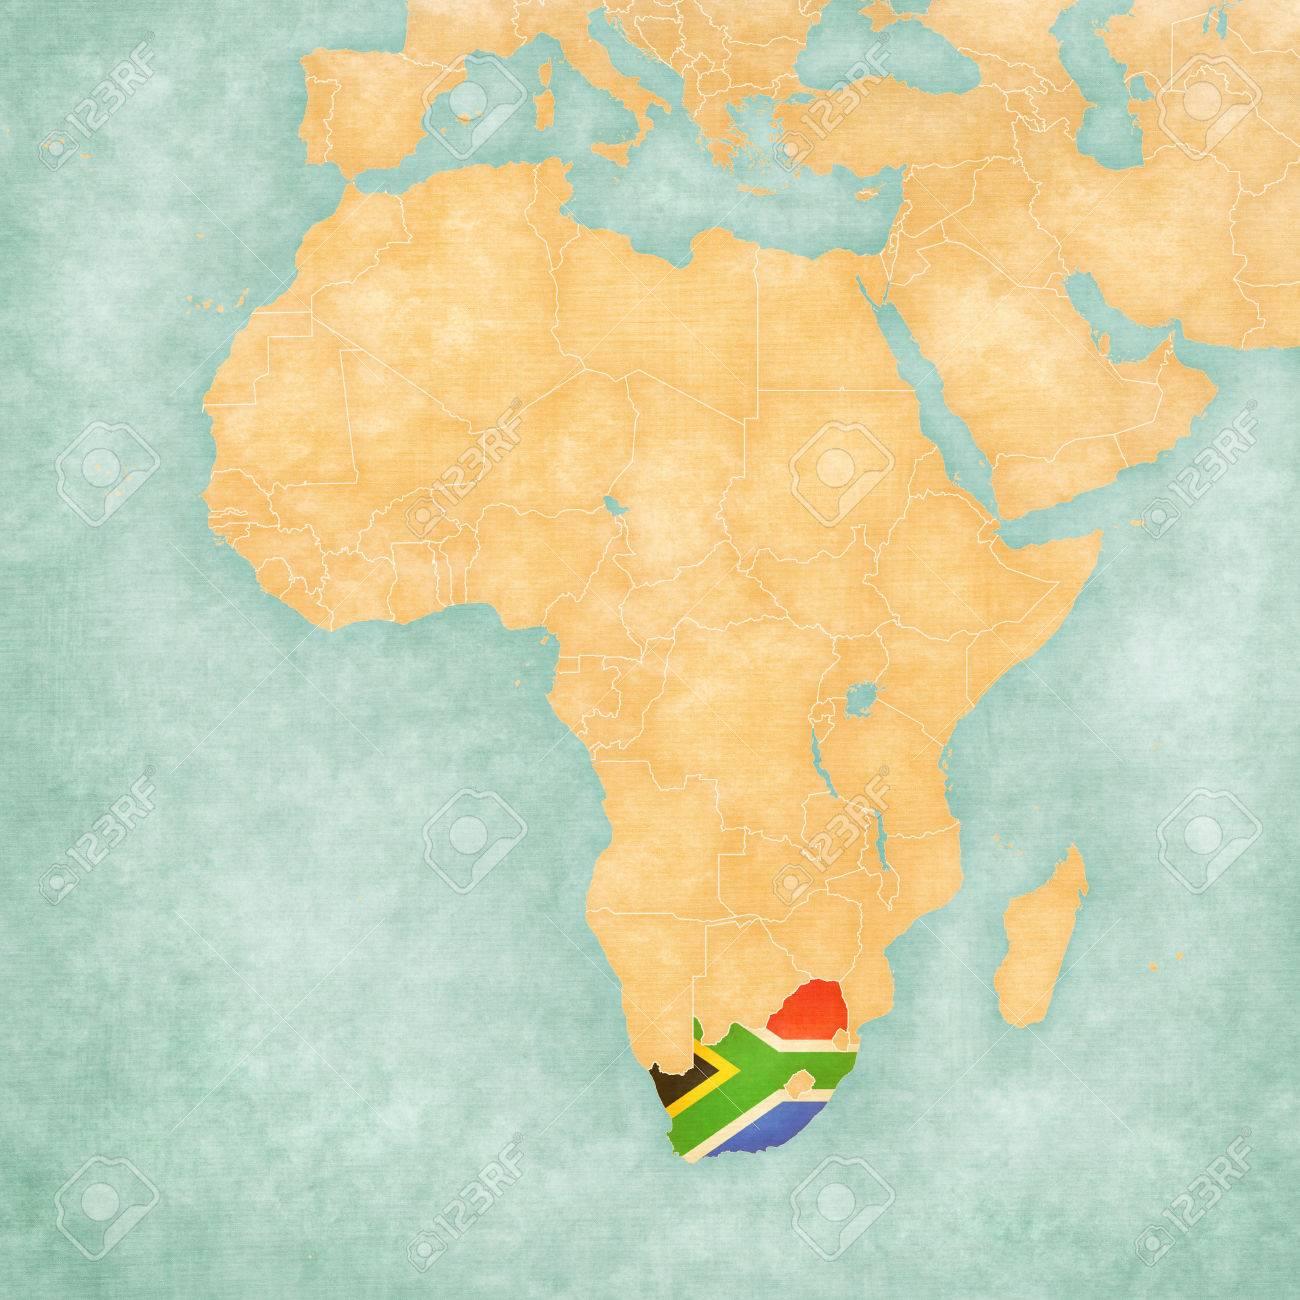 Sudafrica Cartina Muta.Immagini Stock Sud Africa Sud Africa Bandiera Sulla Mappa D Africa La Mappa E In Grunge Morbido E Stile Vintage Come La Pittura Ad Acquerello Su Carta Vecchia Image 63152075